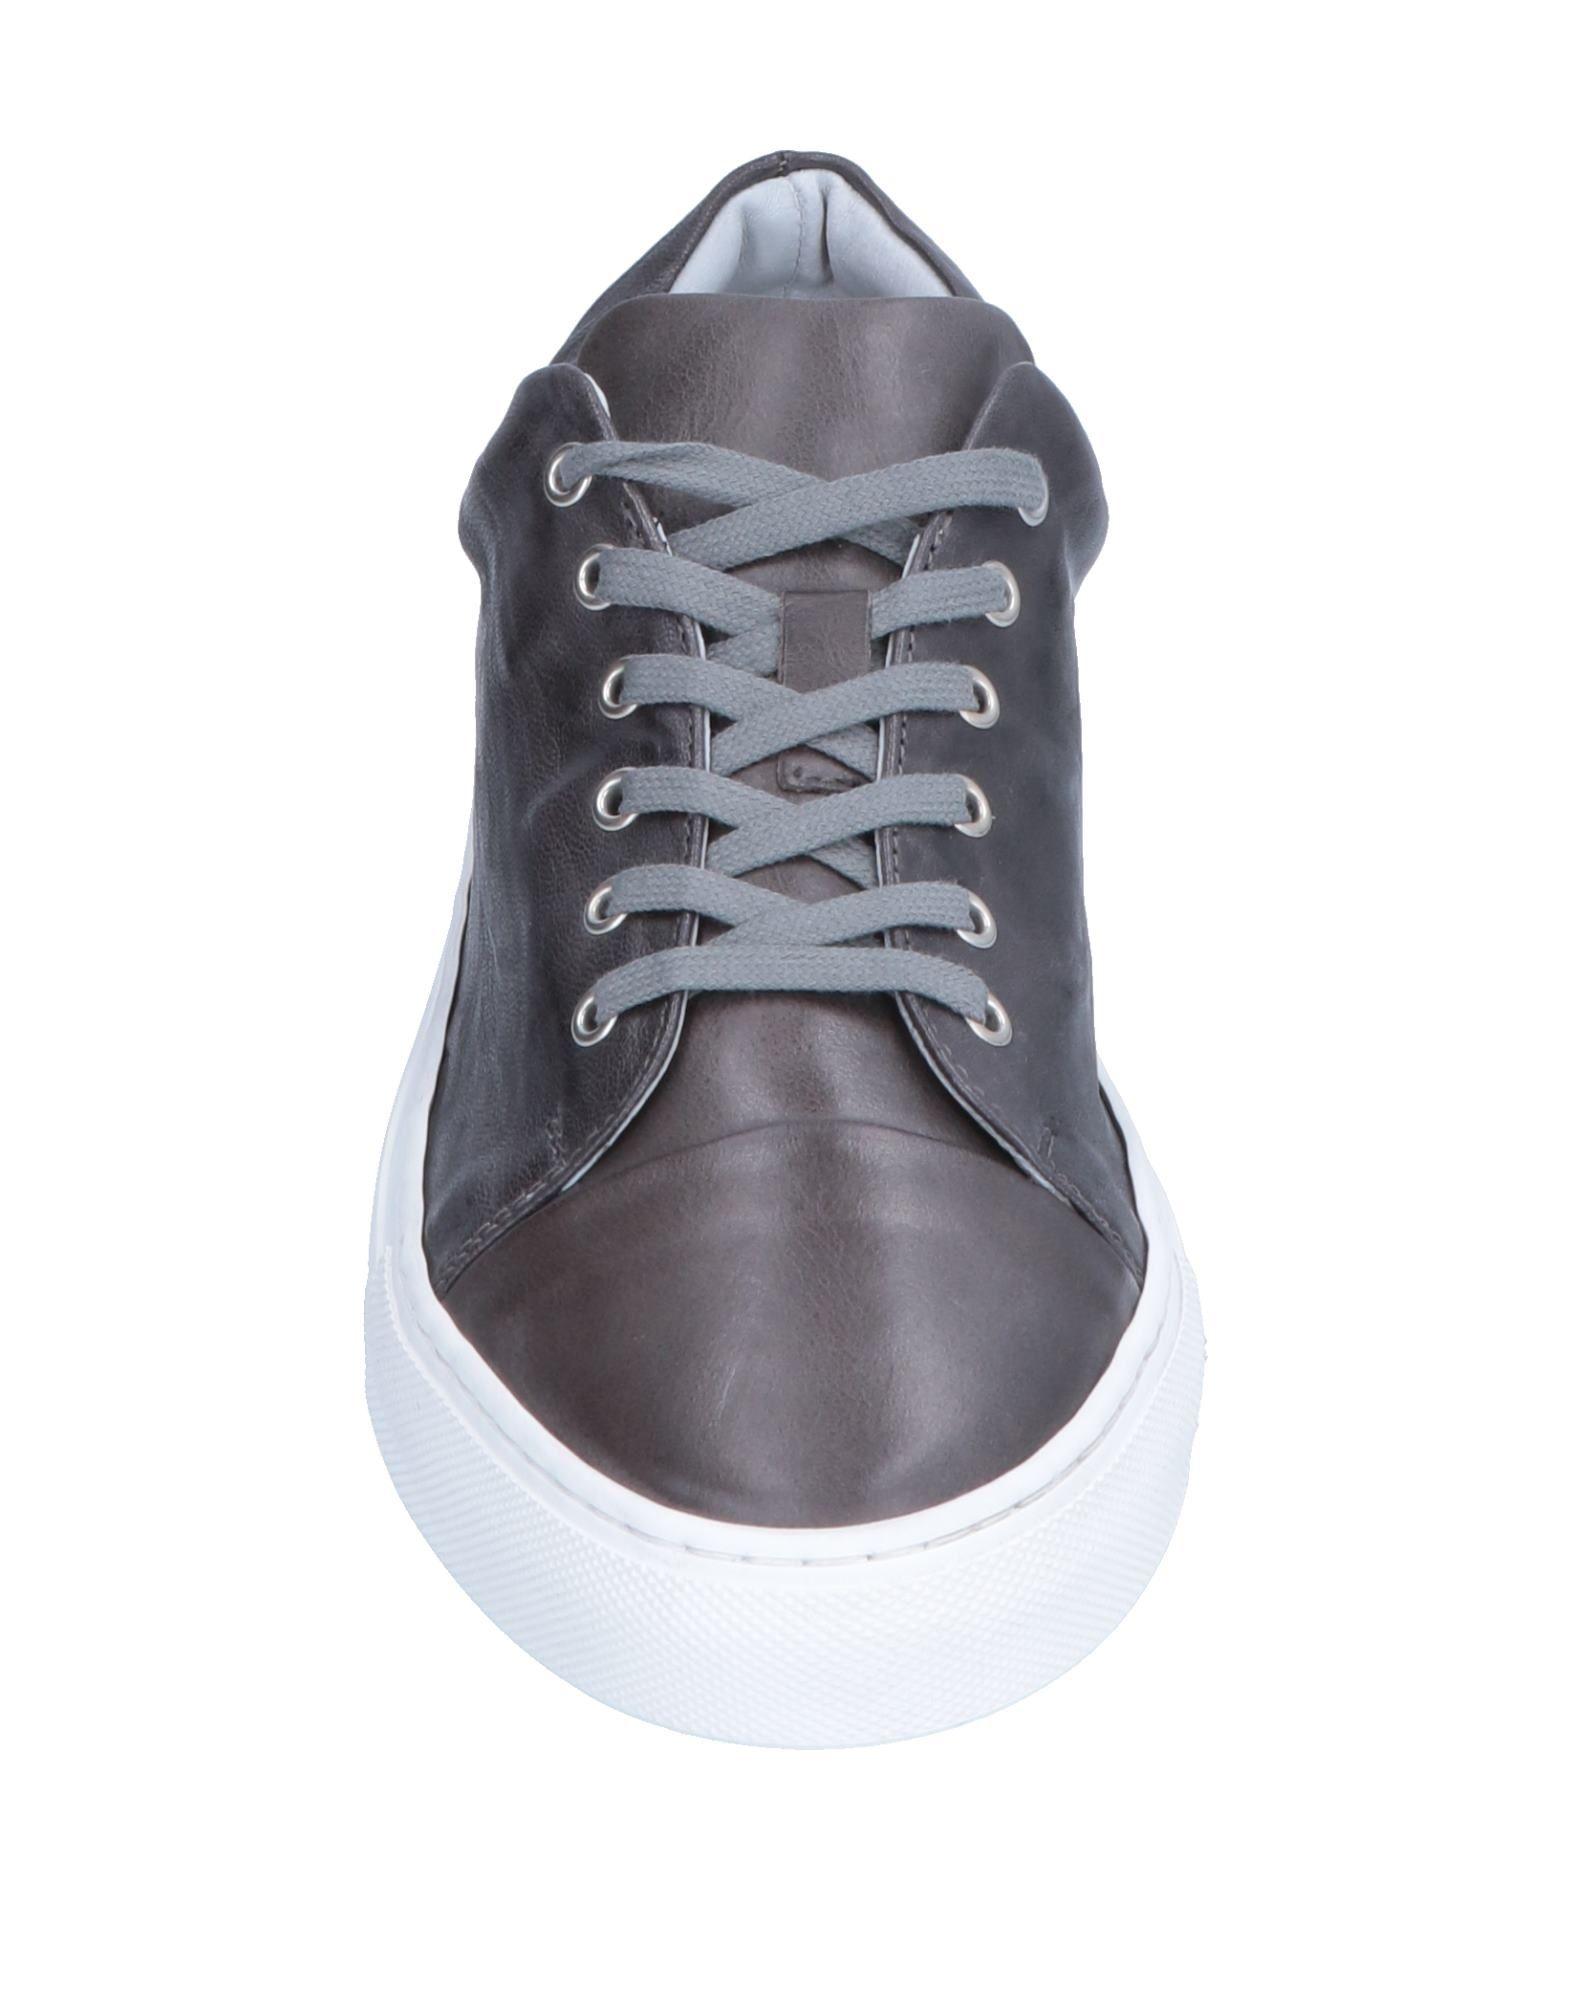 Fabiano Ricci Sneakers Herren Gutes 11238 Preis-Leistungs-Verhältnis, es lohnt sich 11238 Gutes 56f5c6